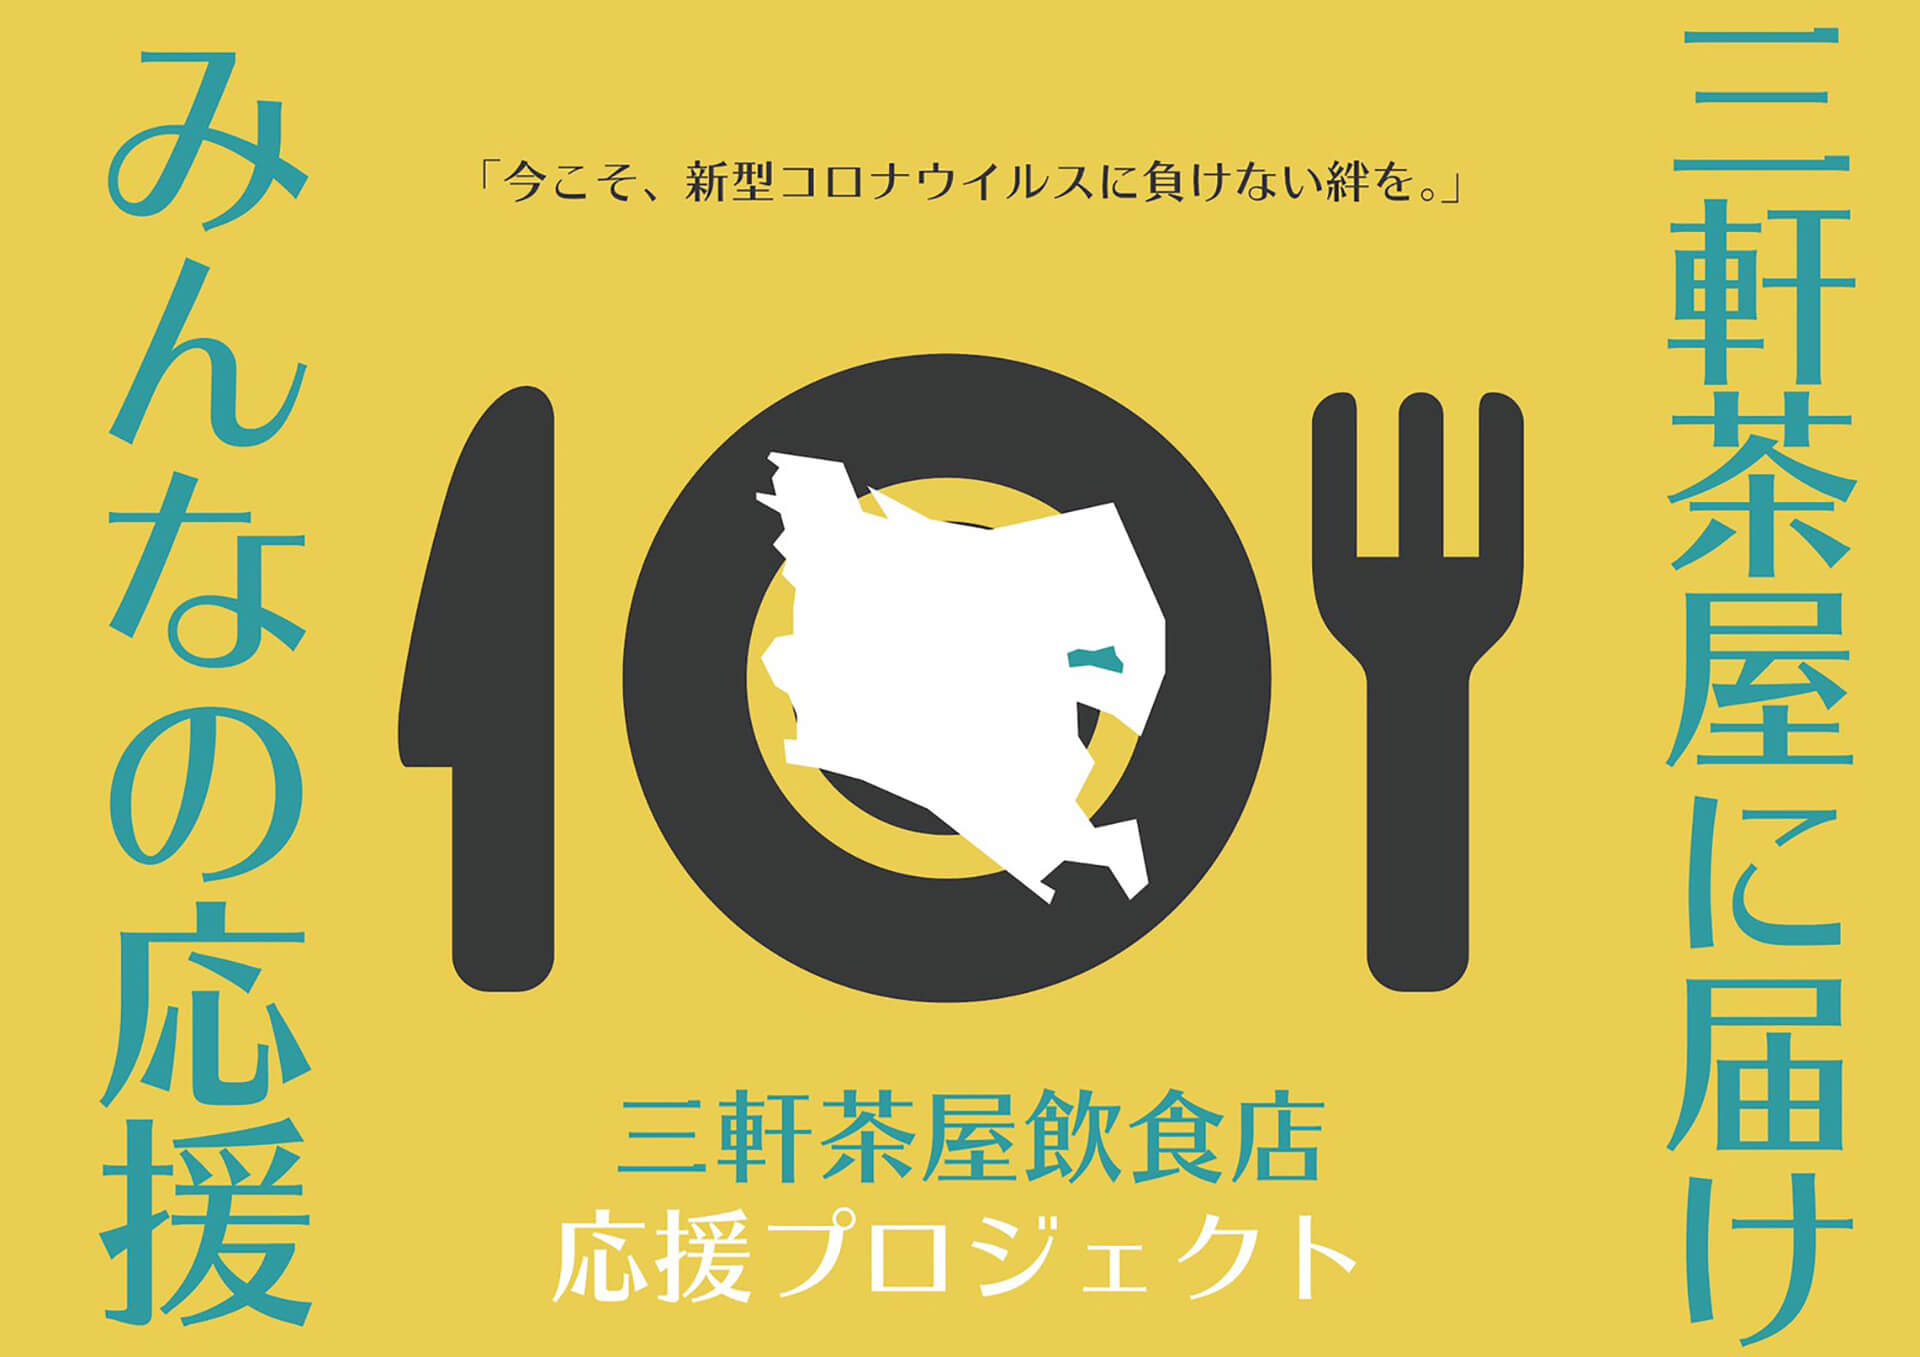 三軒茶屋の飲食店応援プロジェクト